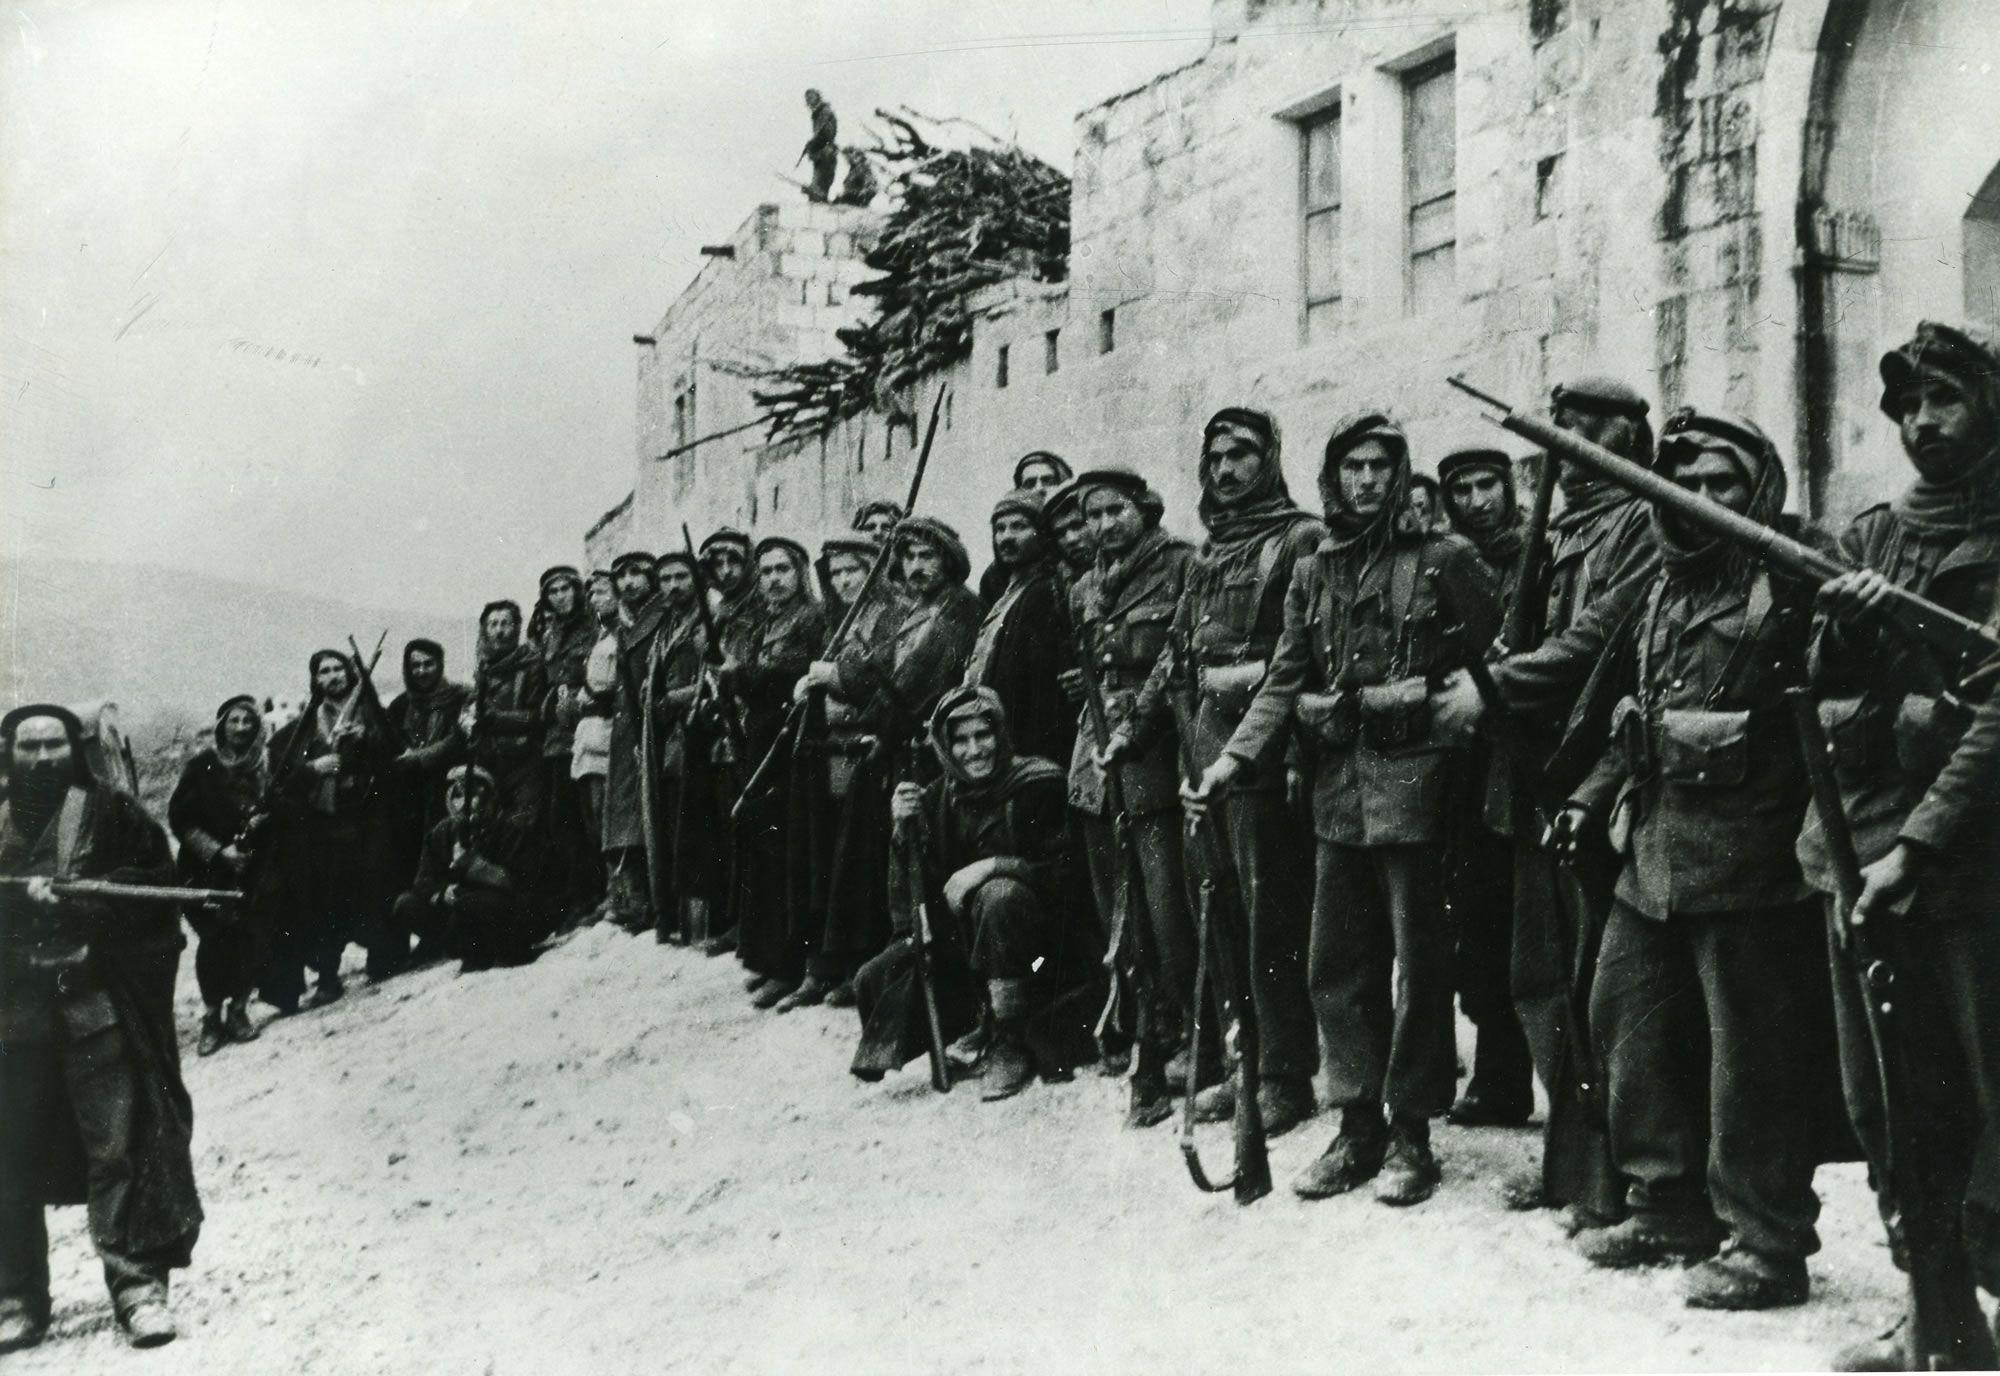 الرحلات الفلسطينية أعضاء جيش التحرير العربي علاء Army Historical Figures Historical